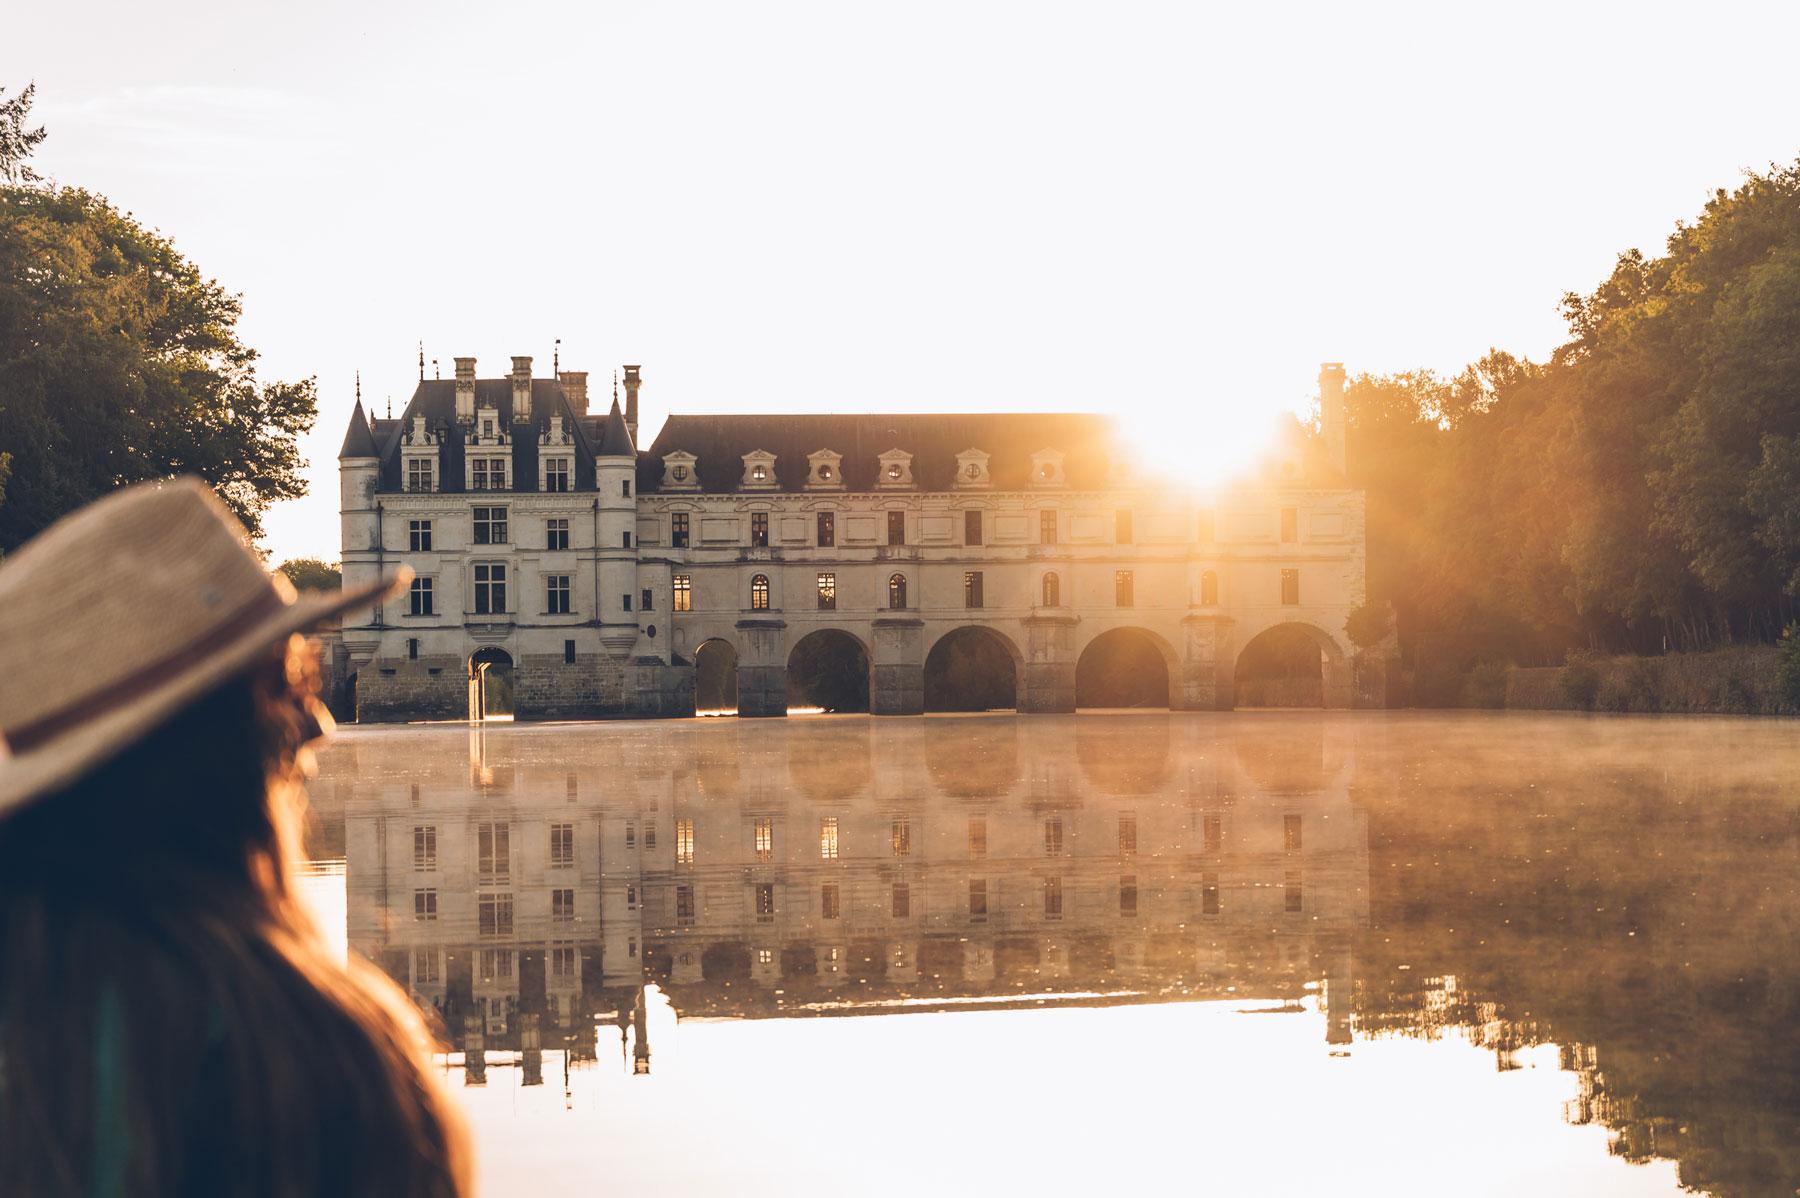 Canoe Chateau de Chenonceau